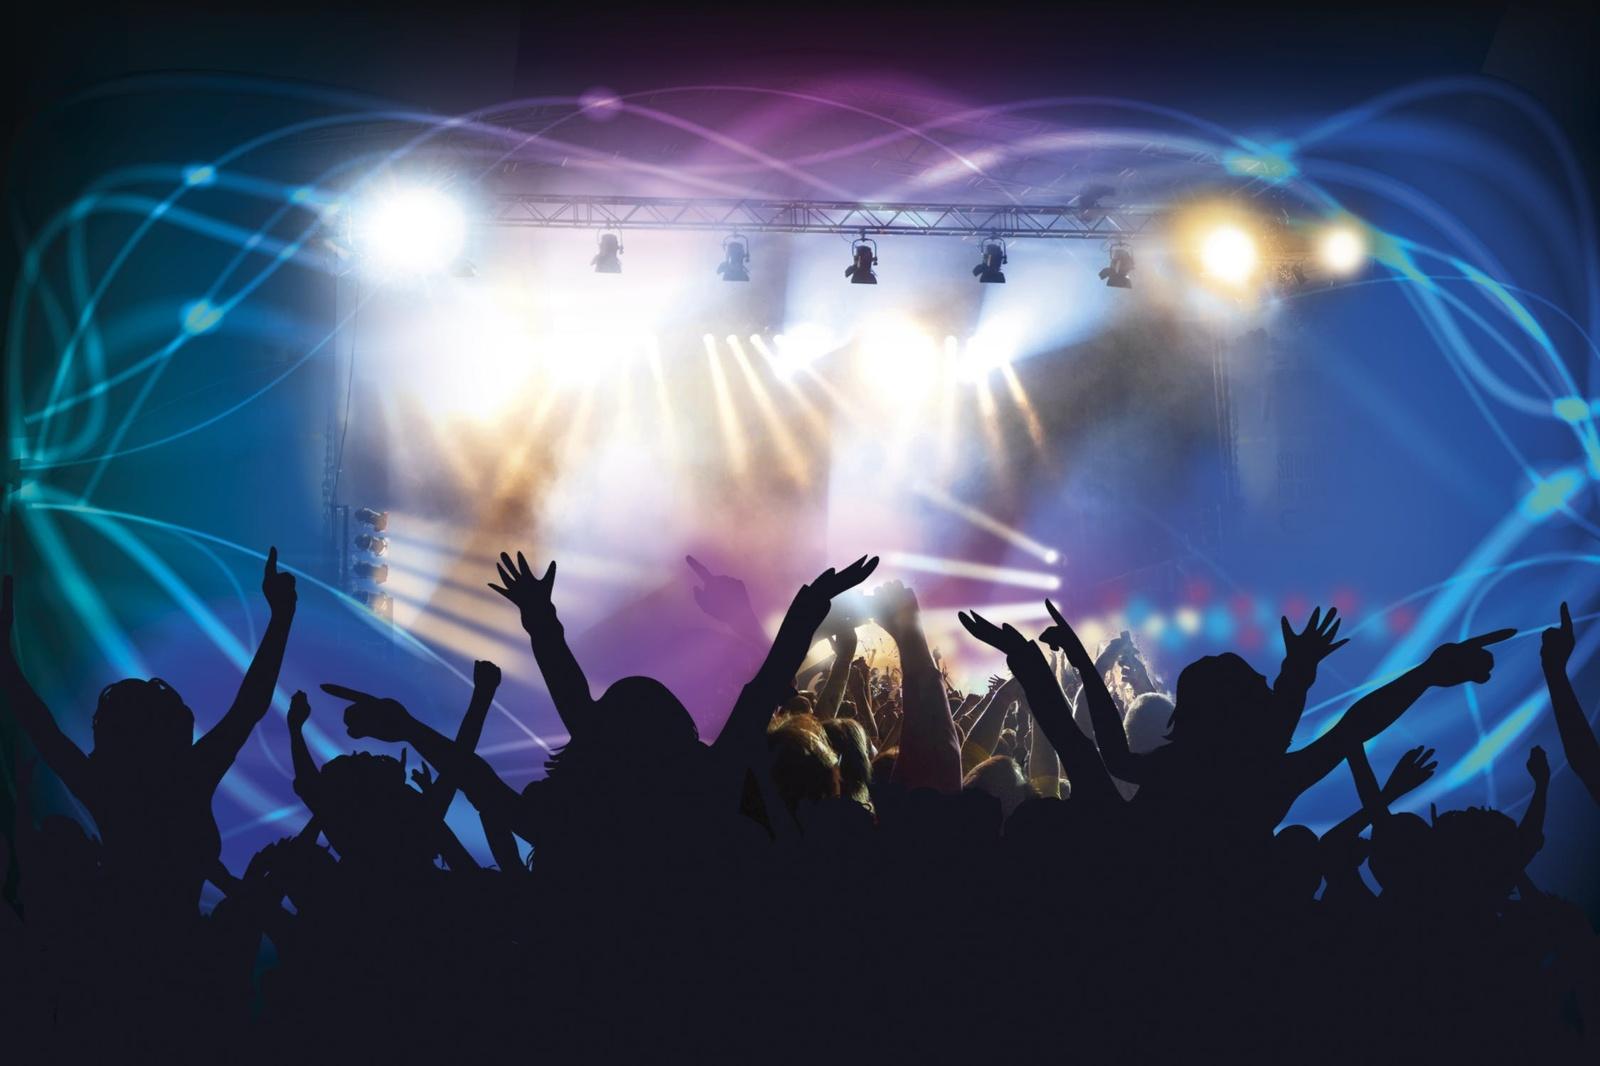 Kintų muzikos festivalis mūsų neaplenks